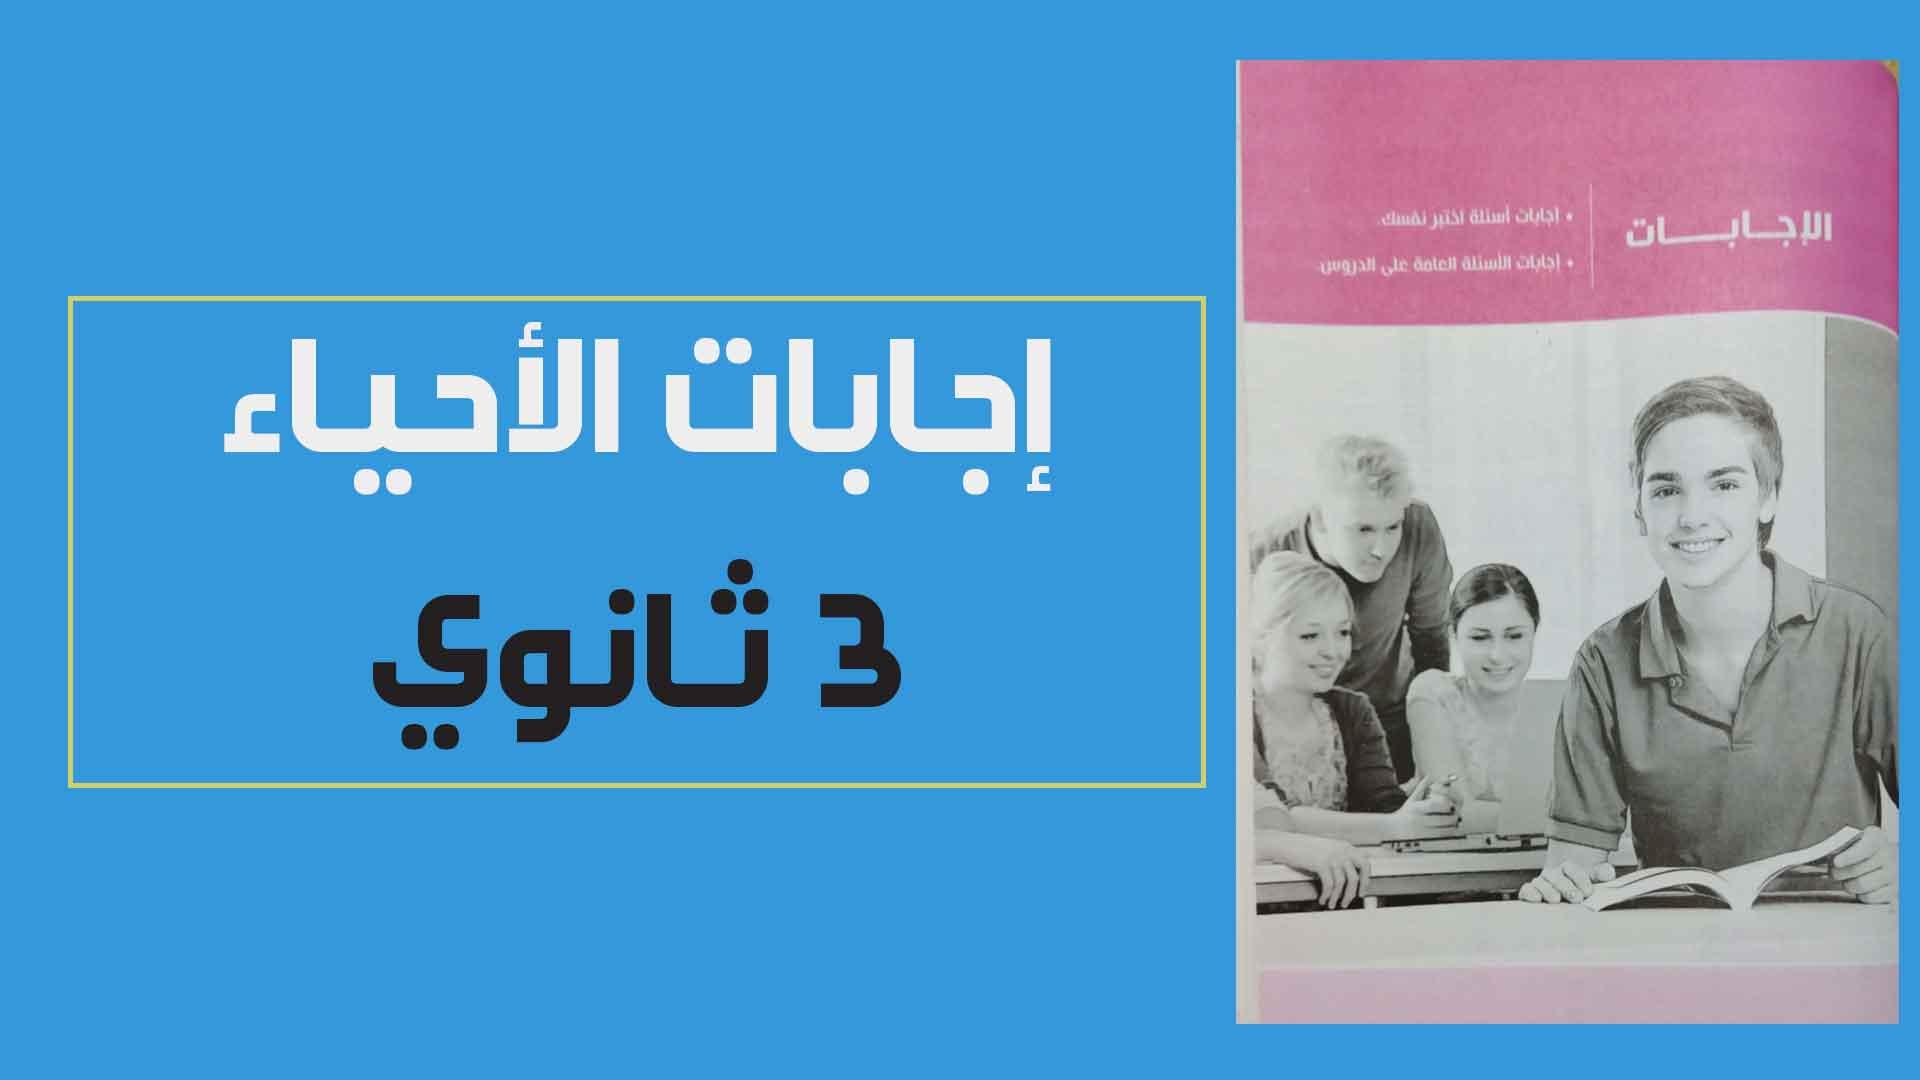 اجابات كتاب الامتحان احياء للصف الثالث الثانوى 2022 pdf